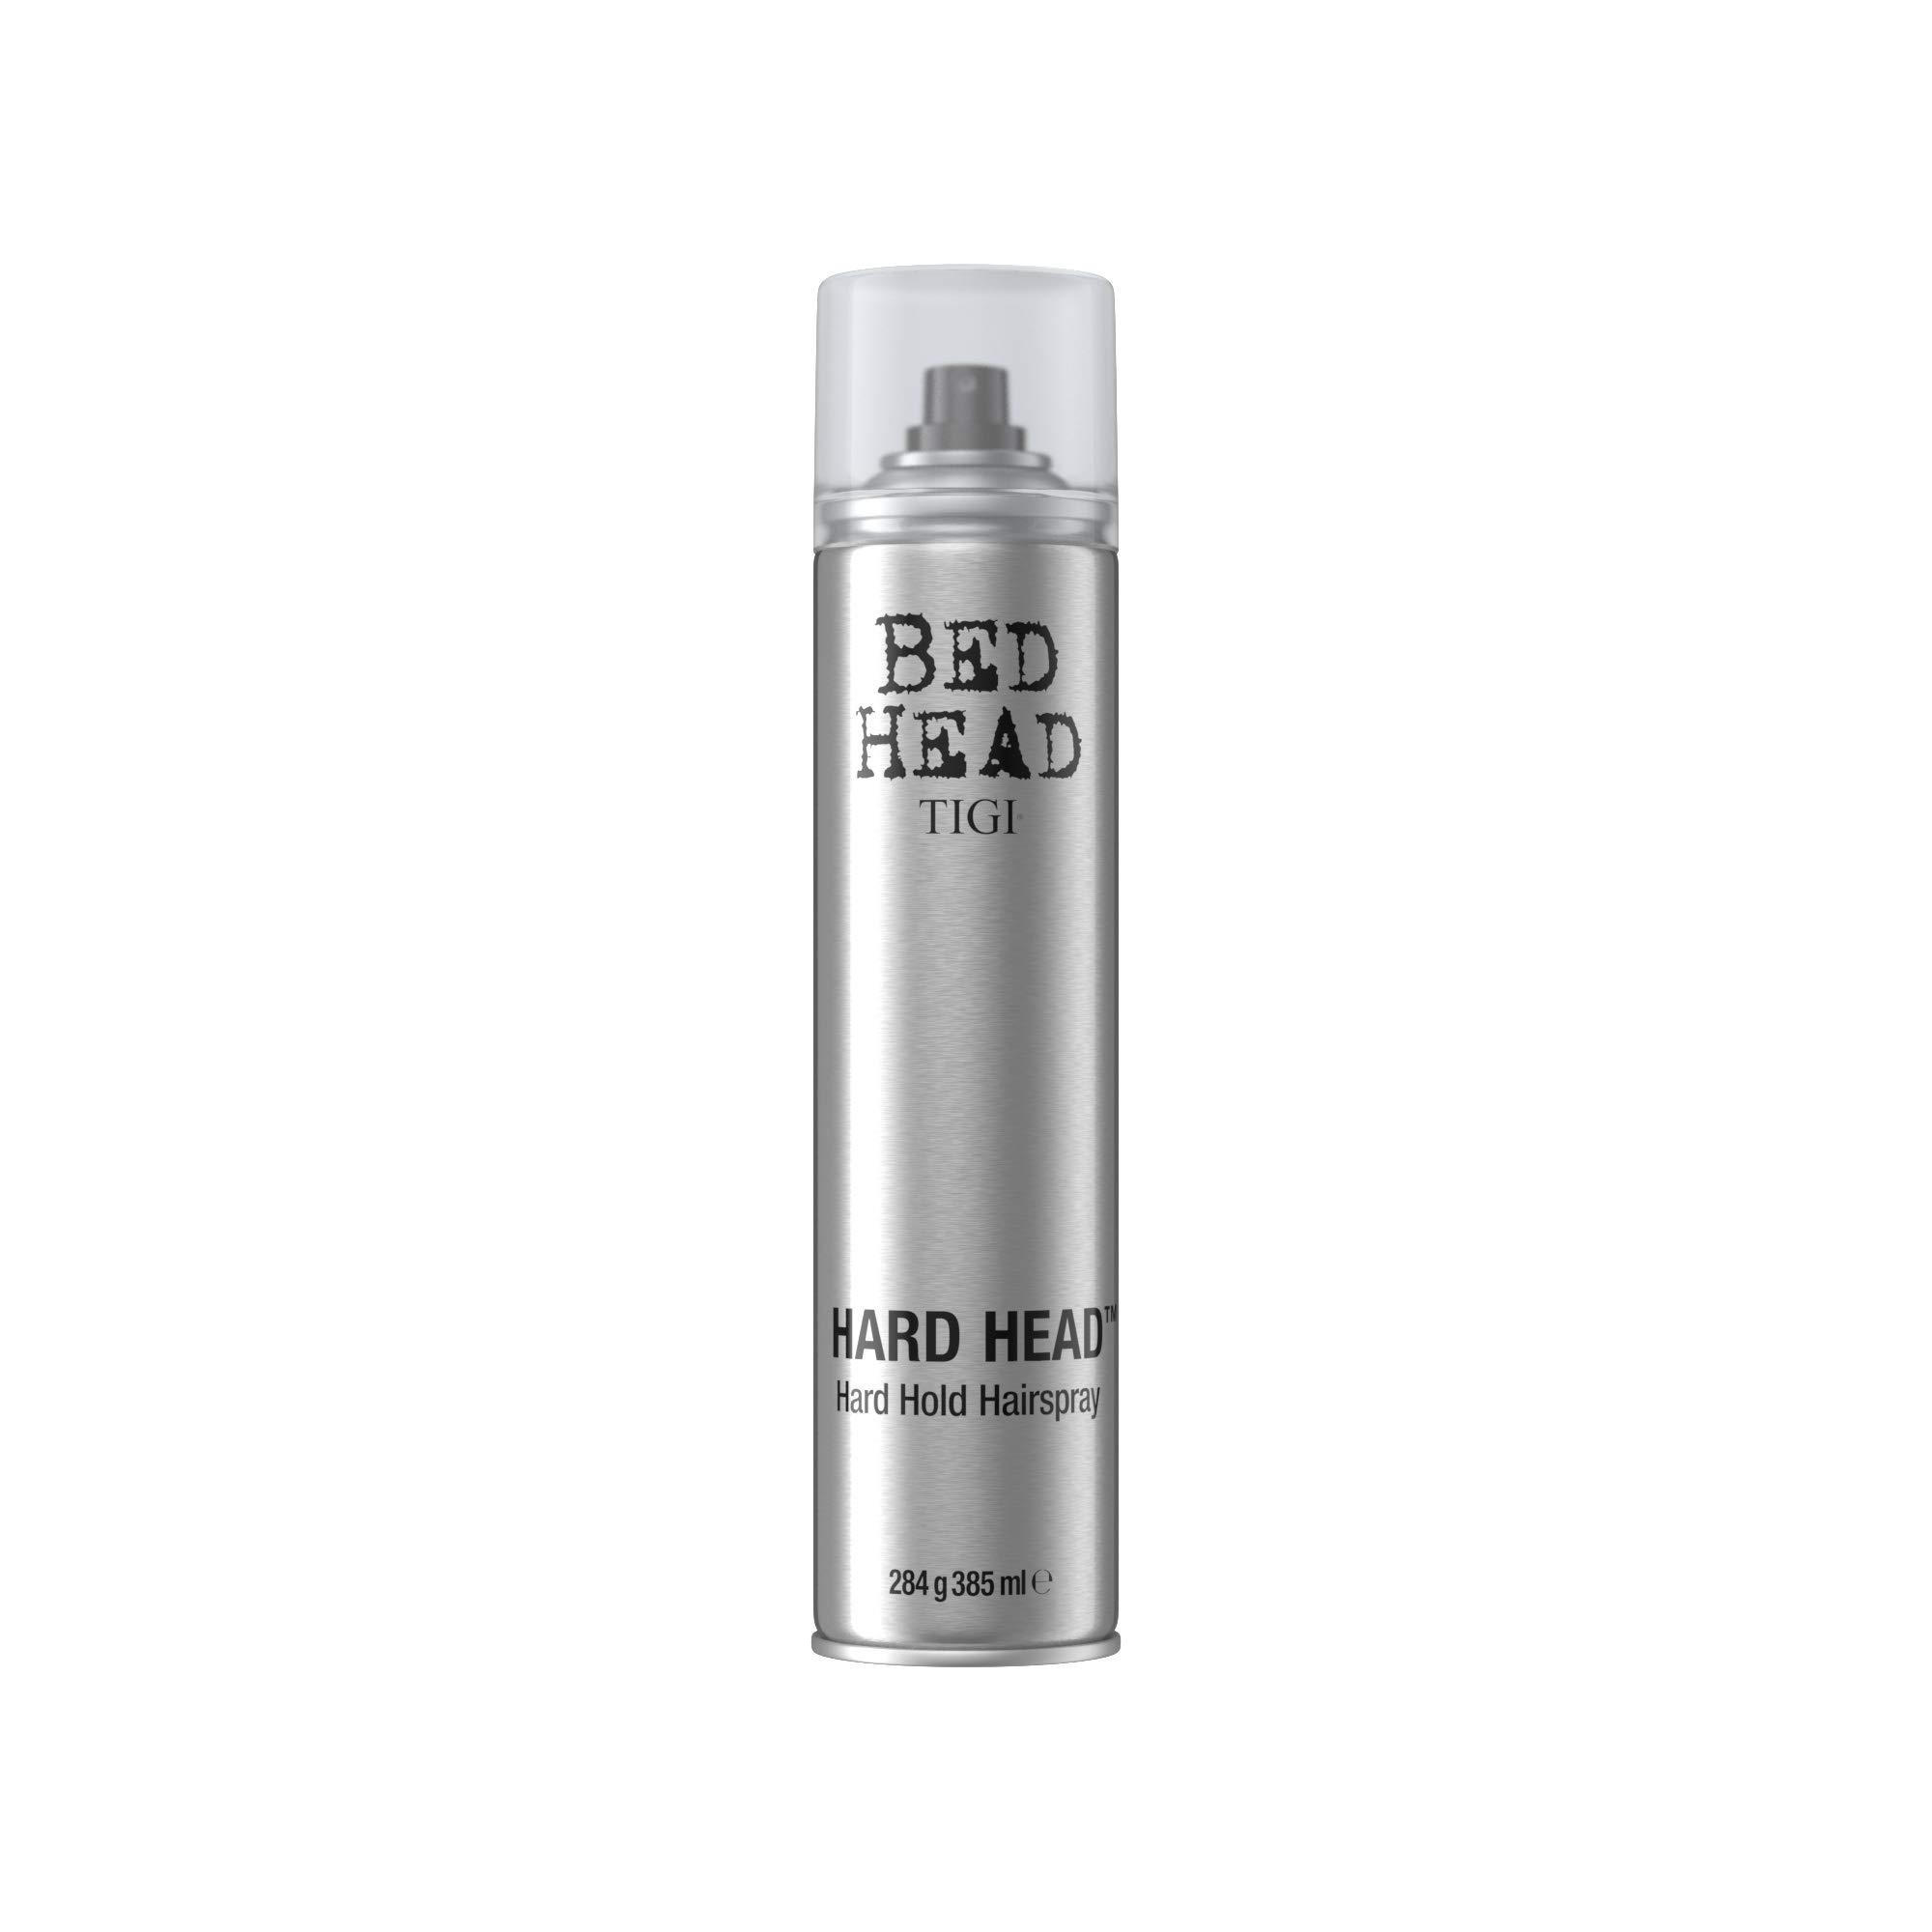 TIGI Bed Hard Head Extra Strong Hold Hair Spray, 10.6 Ounce by TIGI